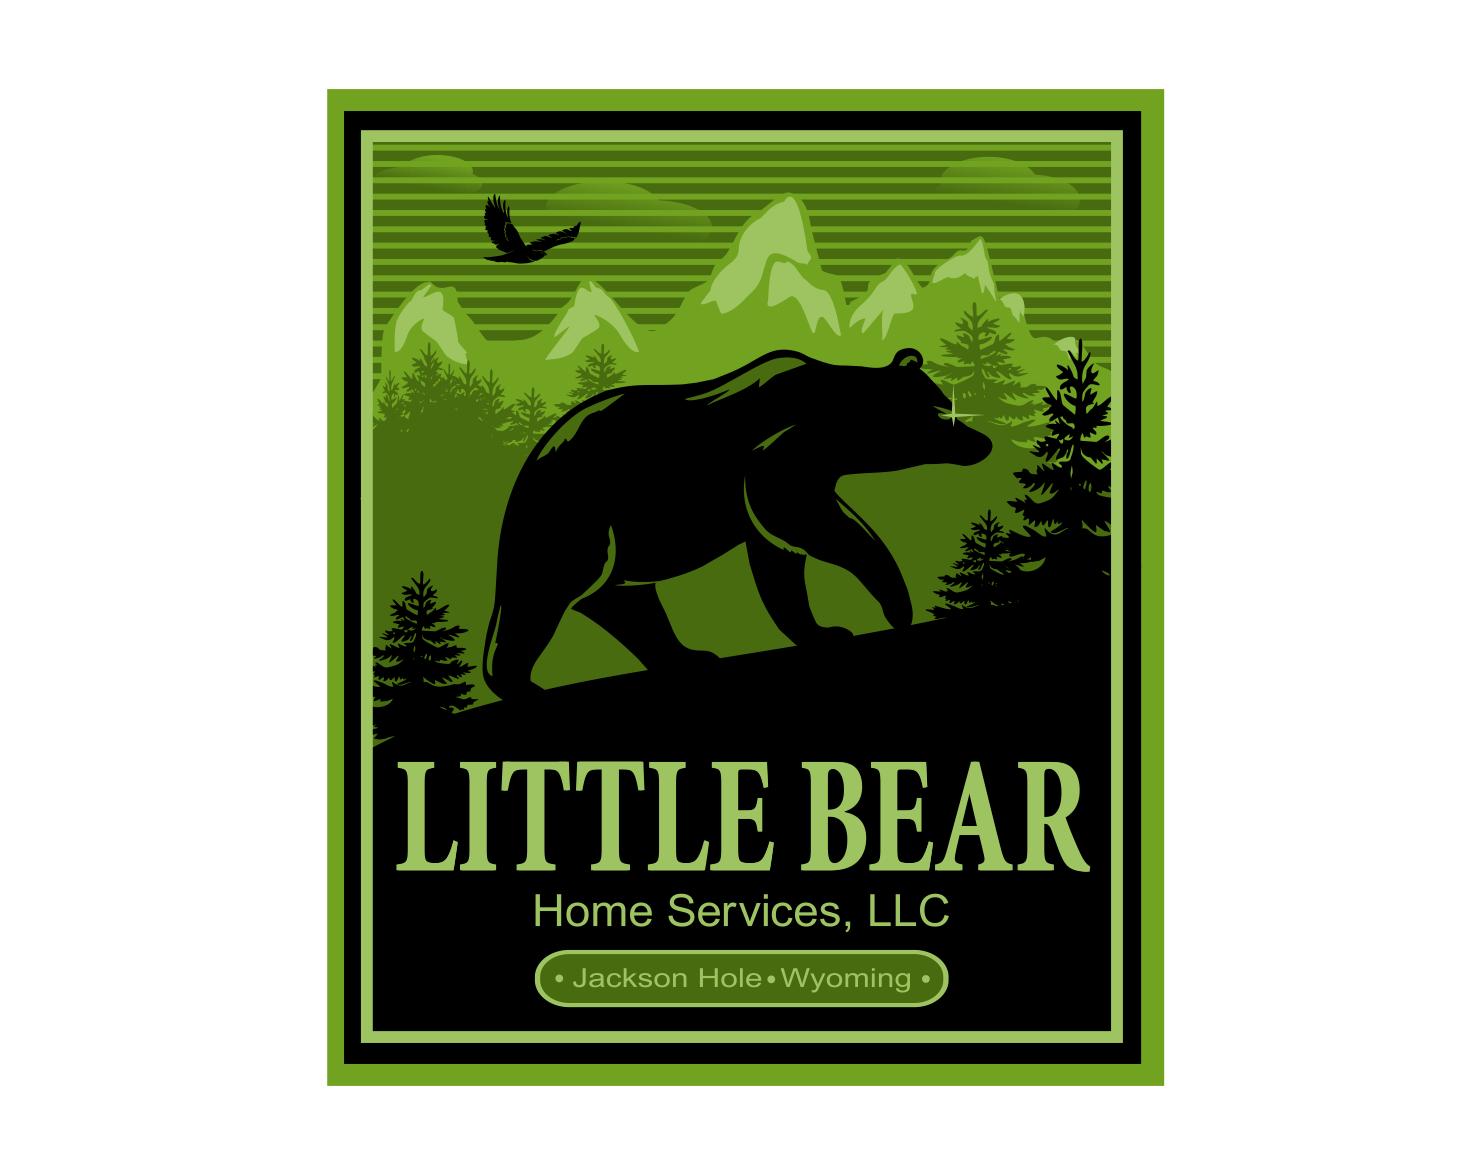 Little Bear Home Services, LLC needs a new logo